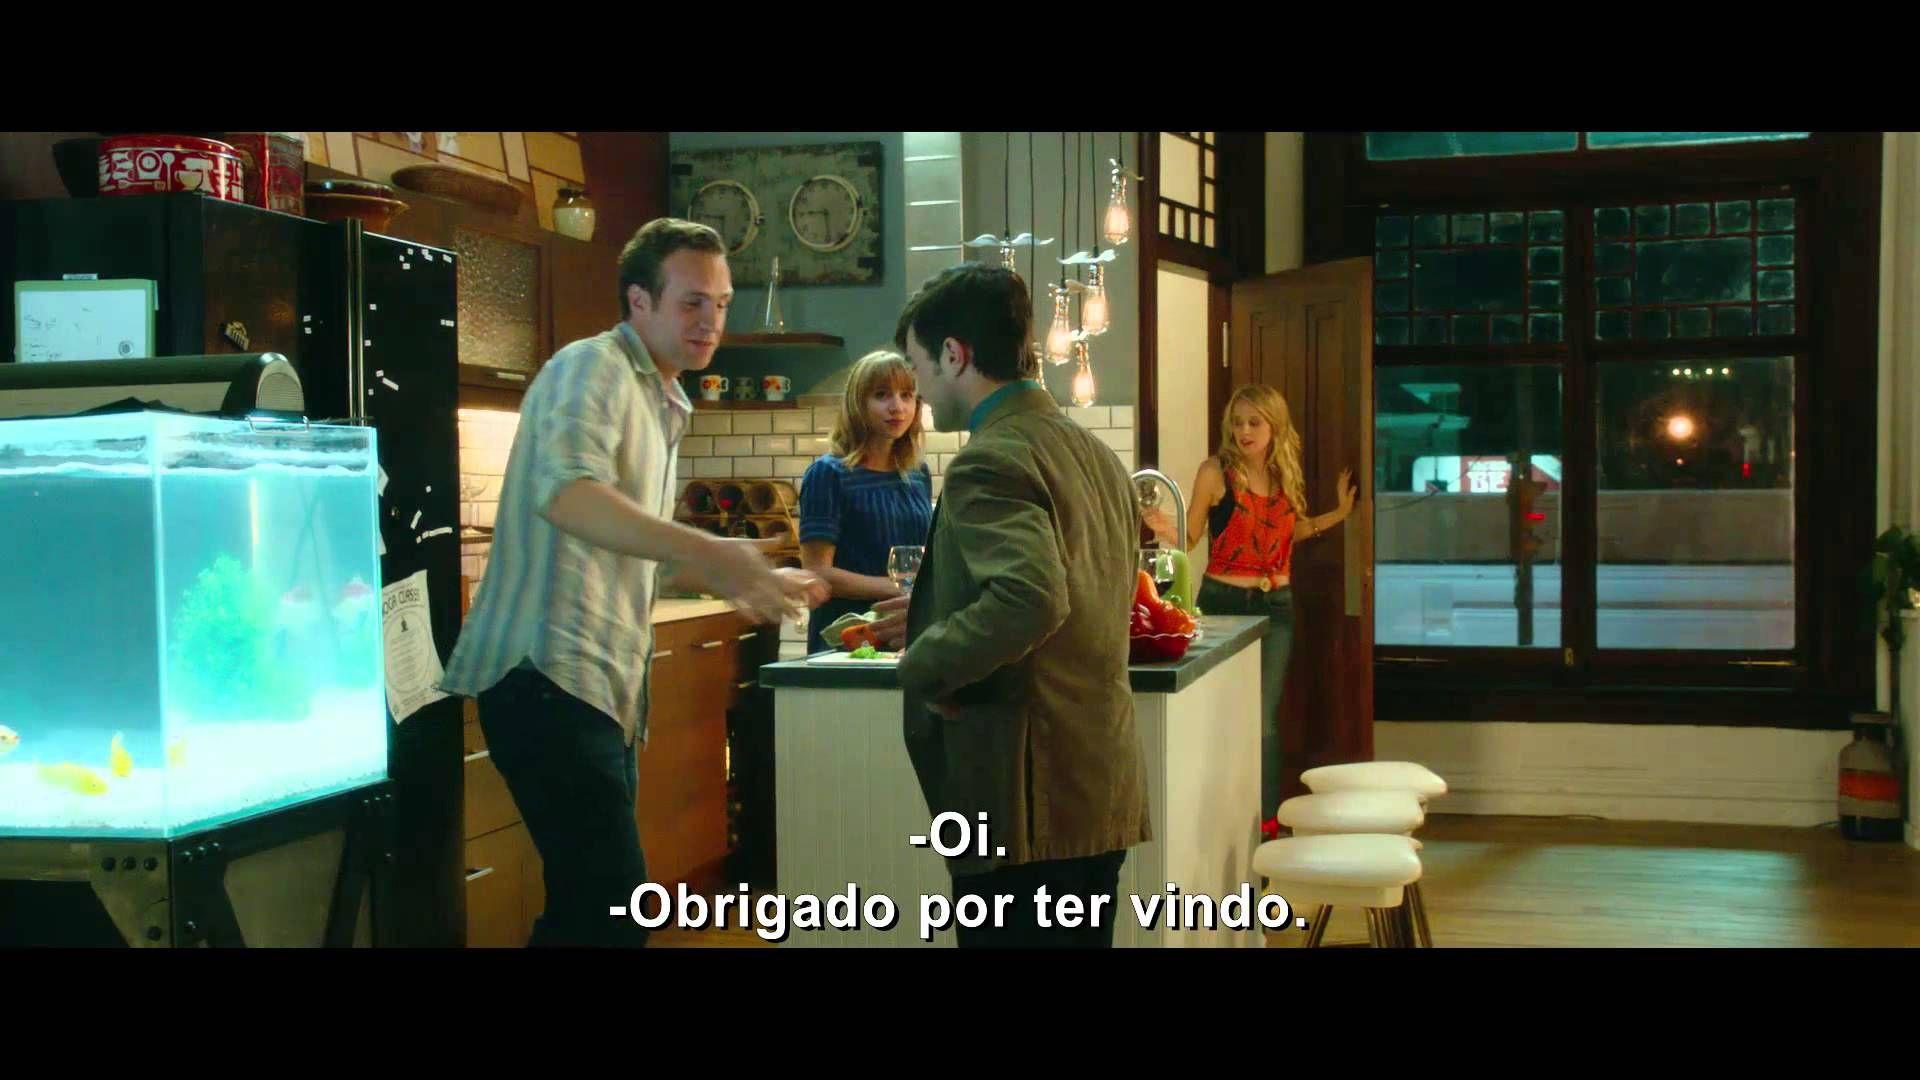 Será que?, com Daniel Radcliffe, breve nos cinemas - Trailer Legendado